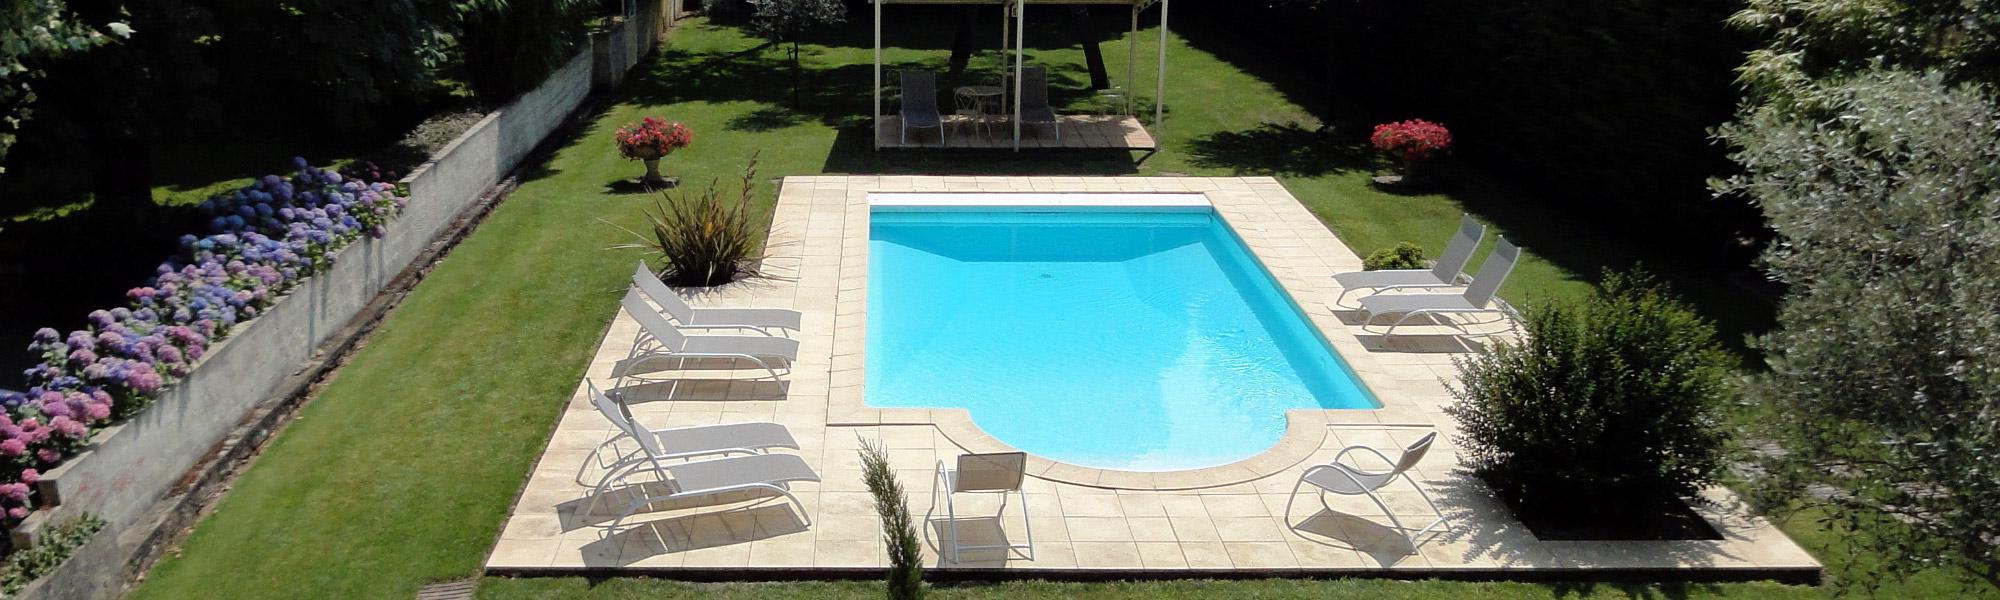 La piscine